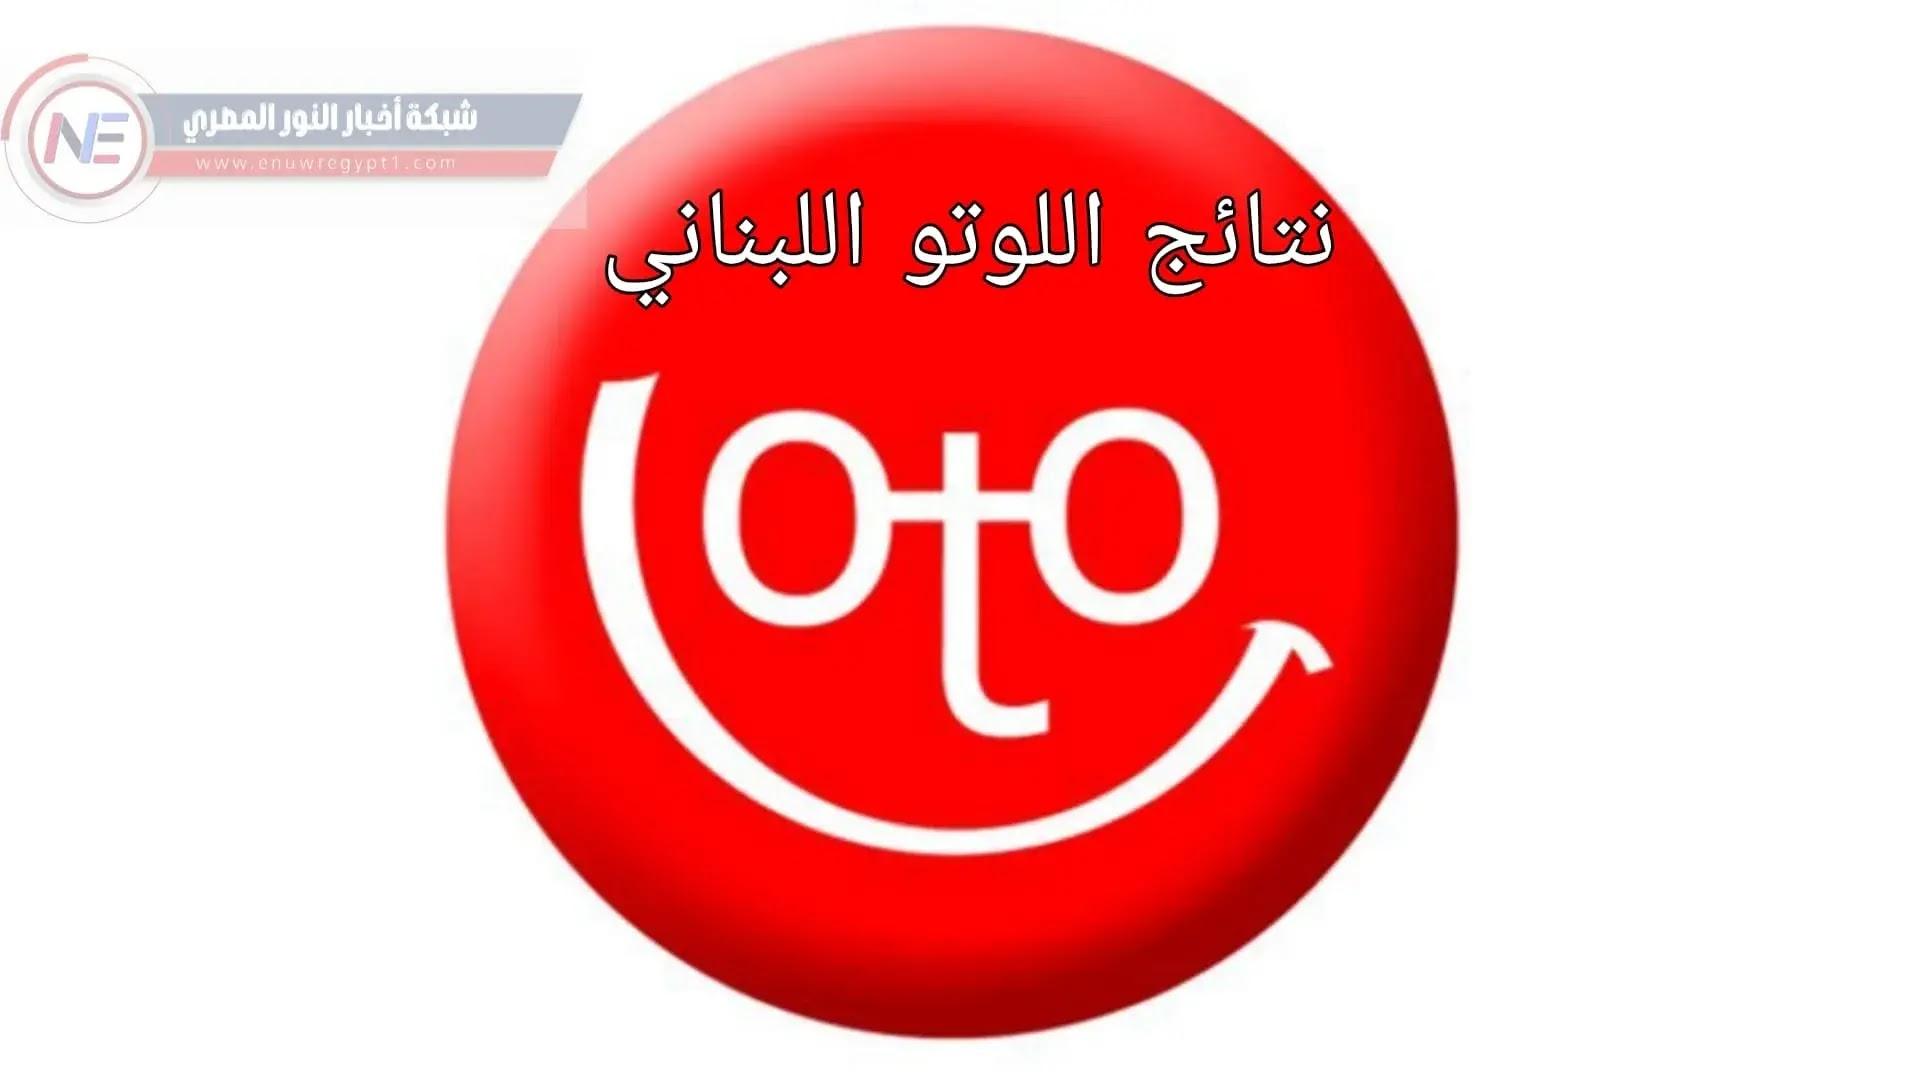 صدرت اليوم .. نتائج سحب اللوتو اللبناني الاصدار رقم 1914 اليوم الخميس 1 تموز 2021 مع الاعلامي زيد - Lotto.Lebanon